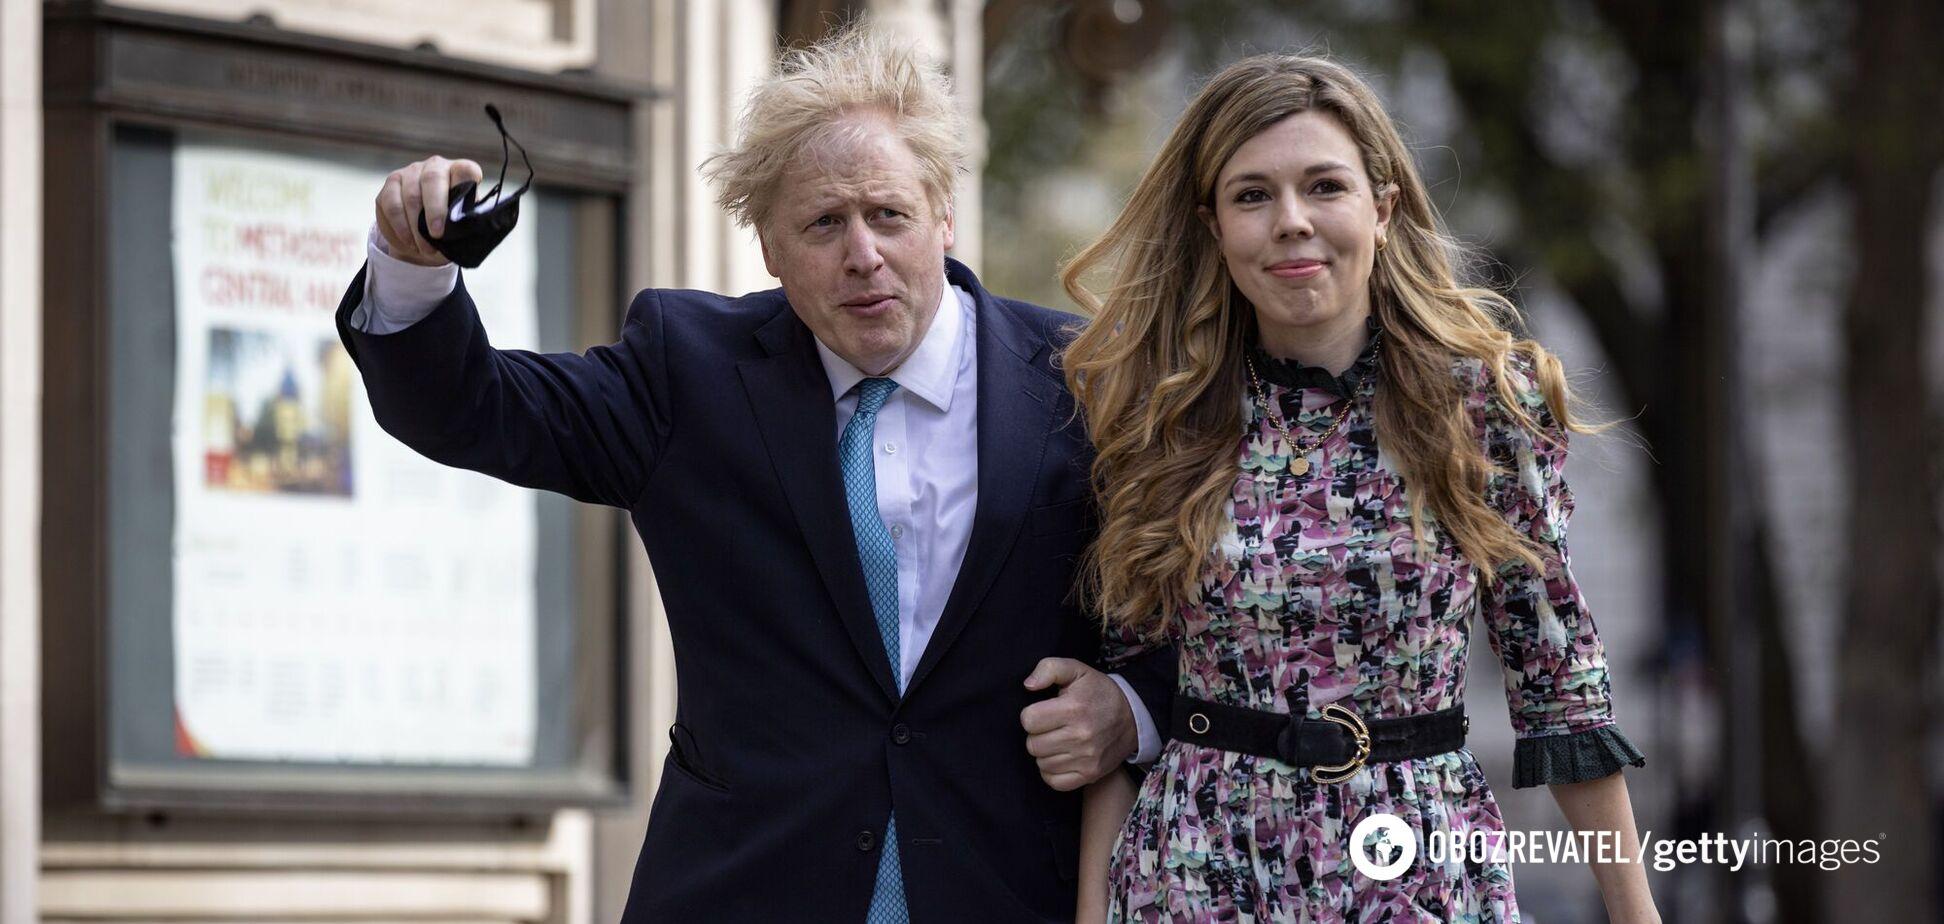 Премьер Британии женится на молодой подруге: стала известна огромная разница в возрасте и дата свадьбы